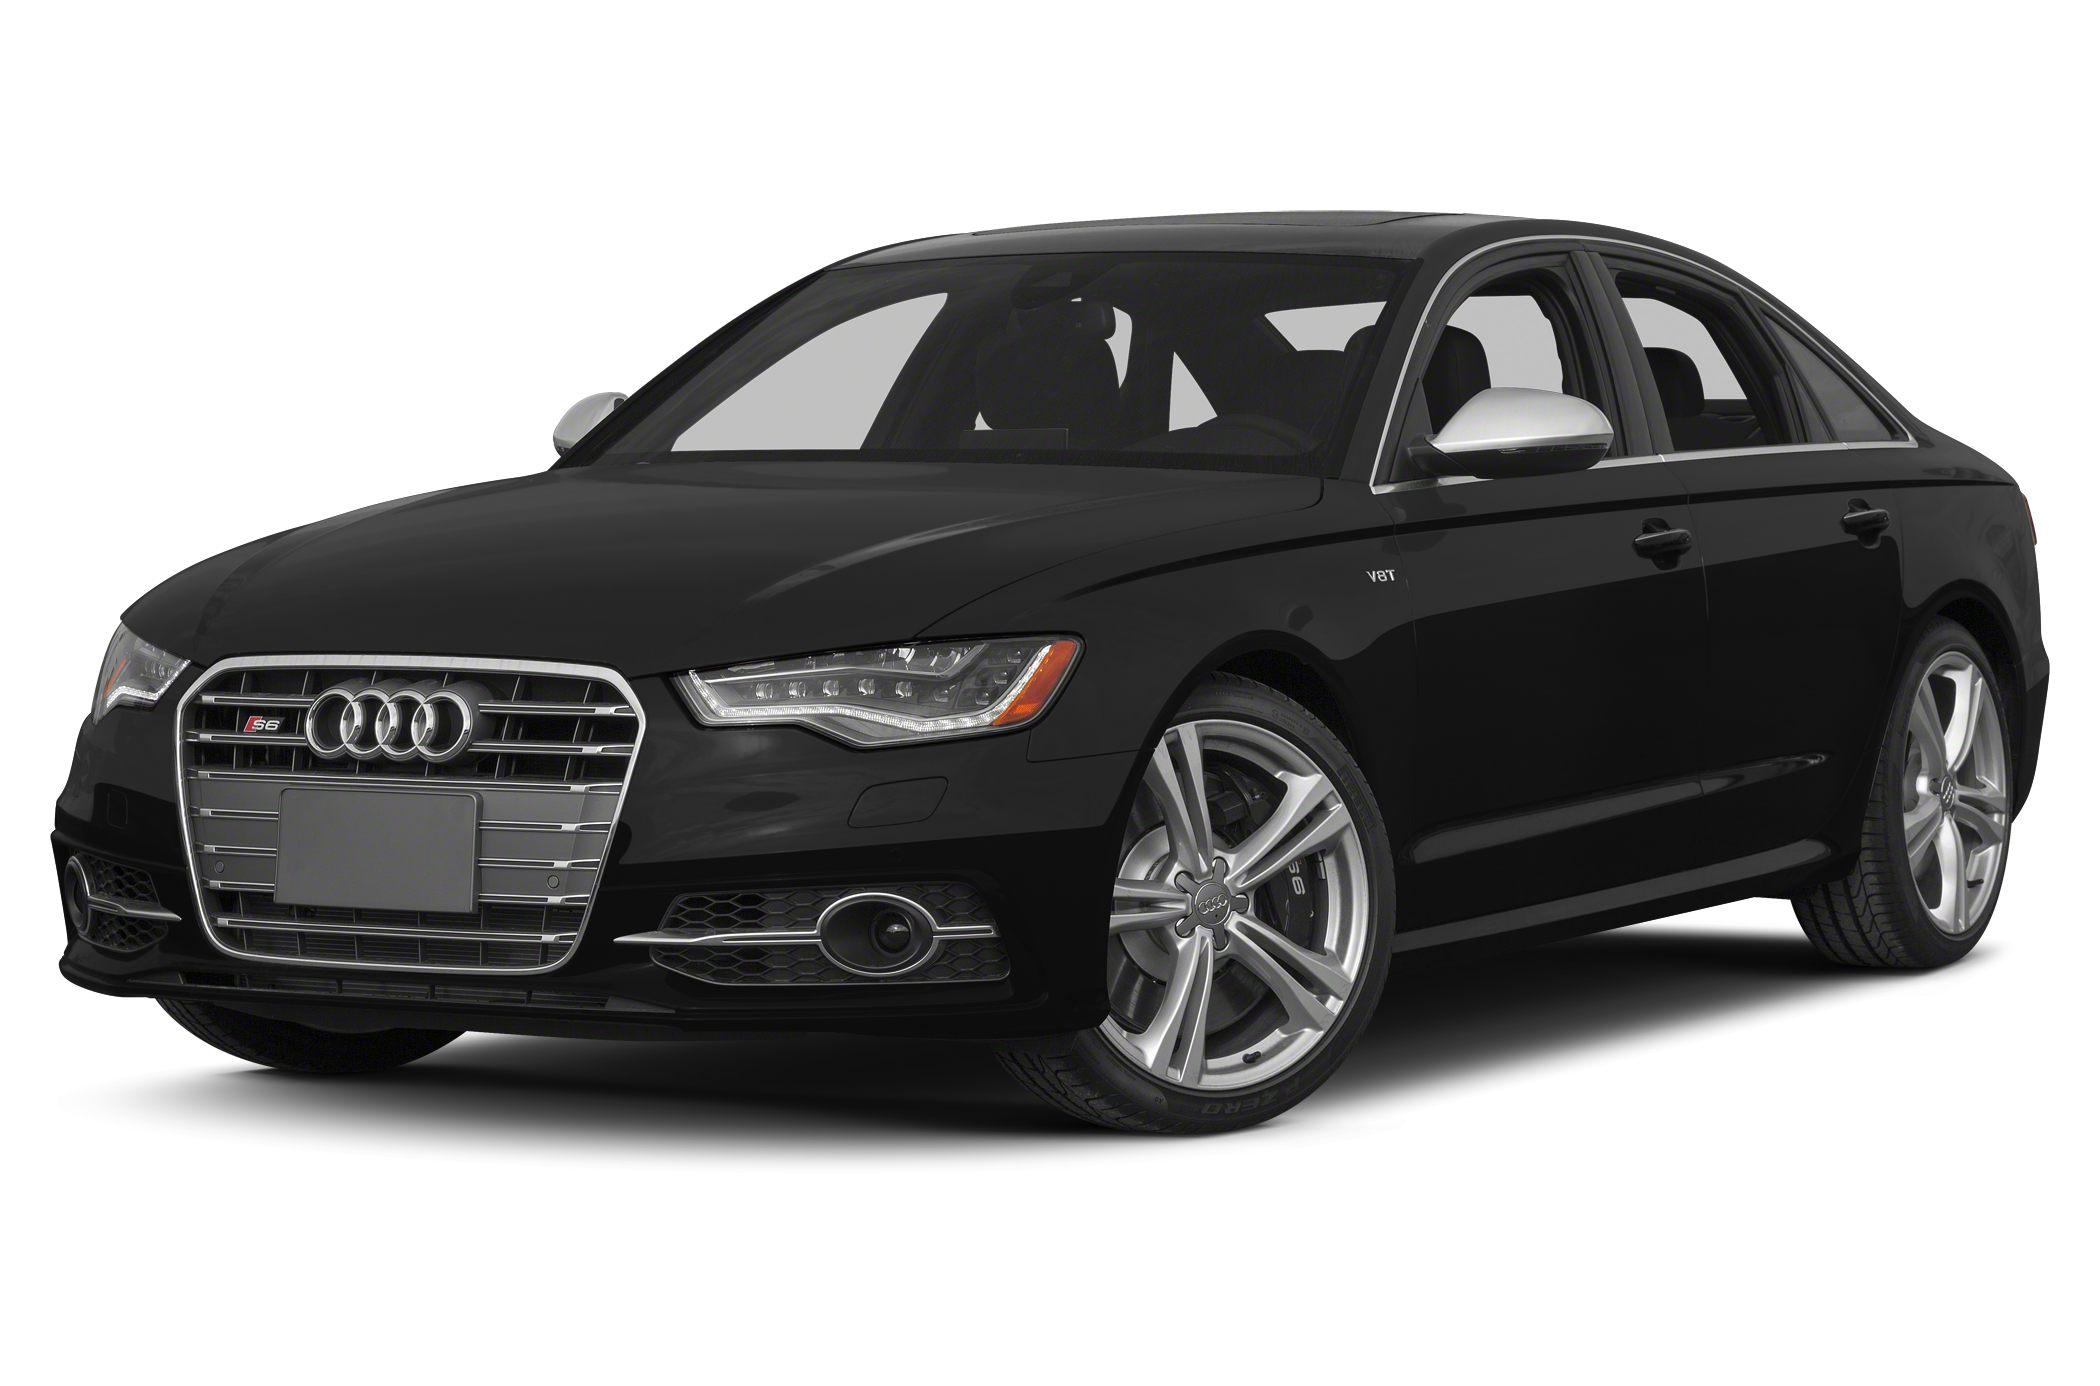 Kelebihan Kekurangan Audi S6 2013 Spesifikasi